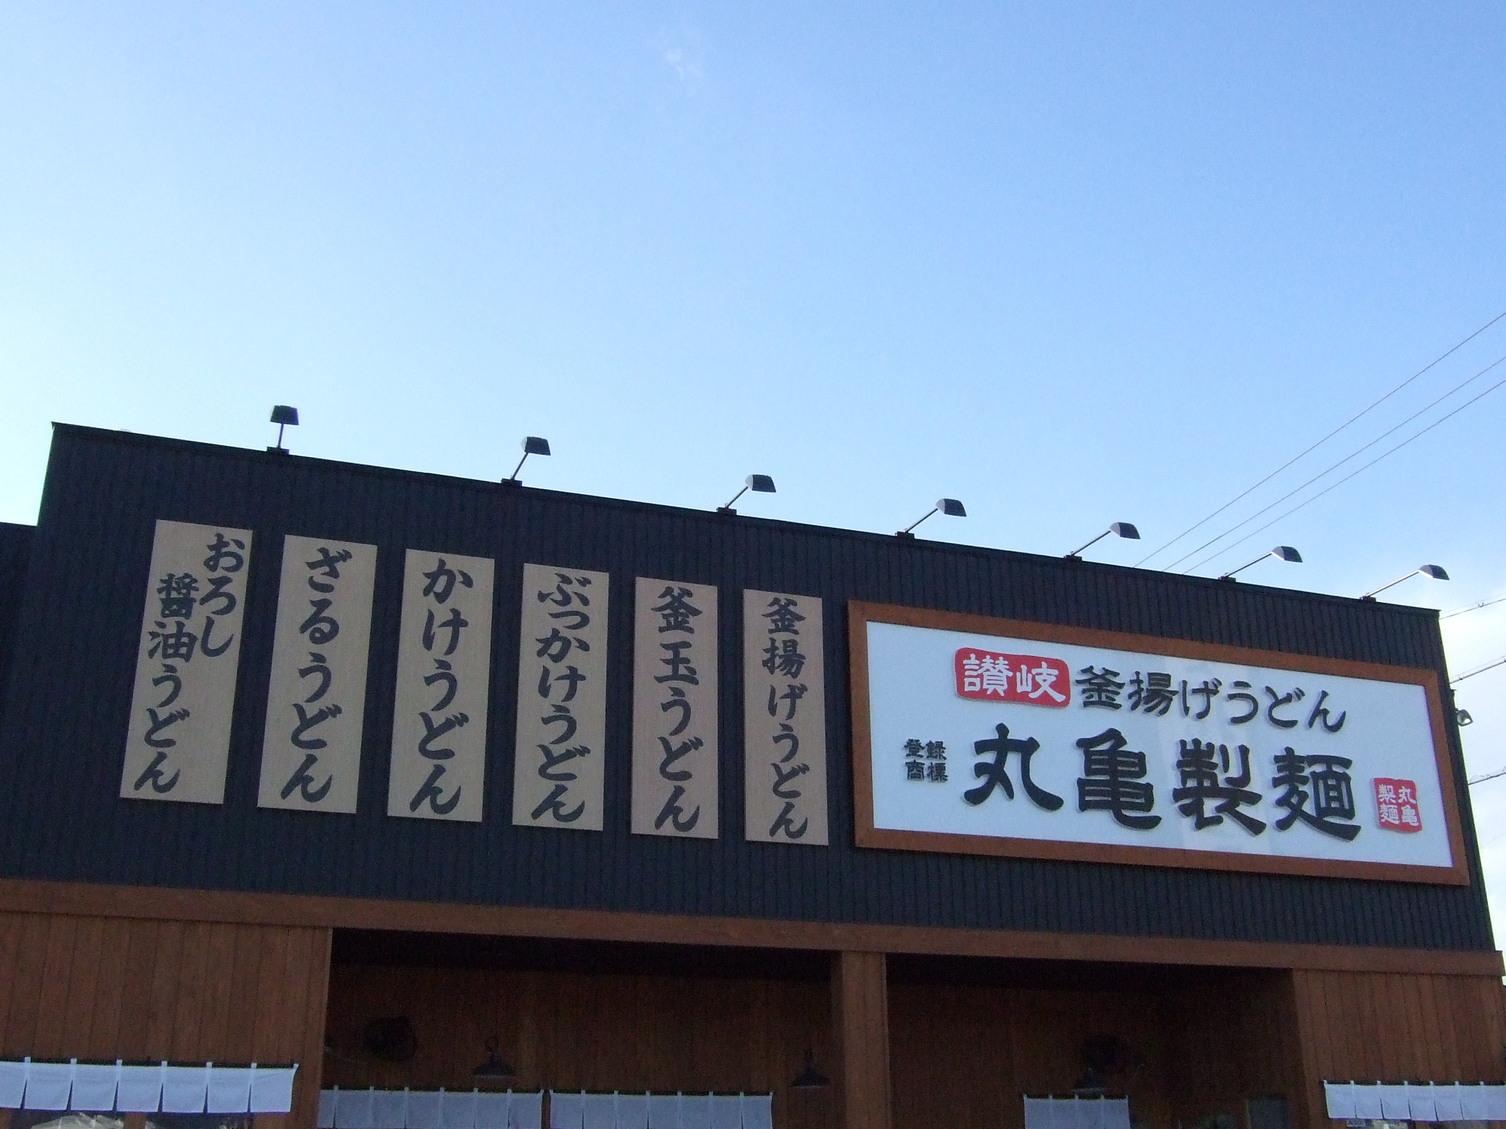 丸亀製麺 安曇野店 name=